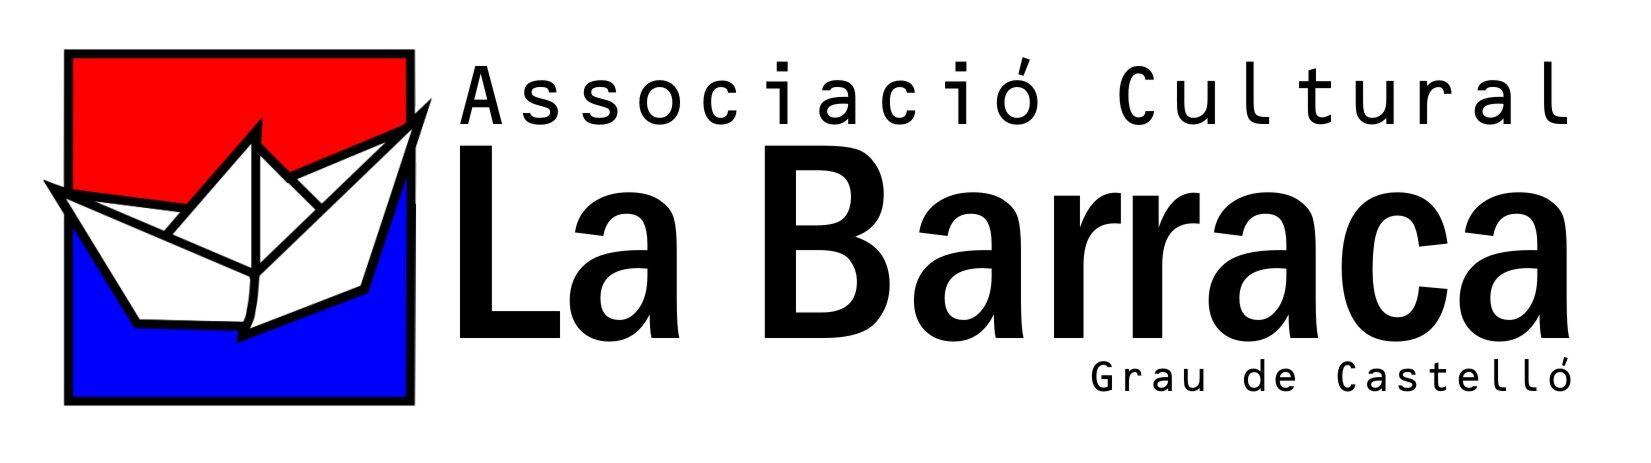 Associació Cultural La Barraca. El Grau de Castelló